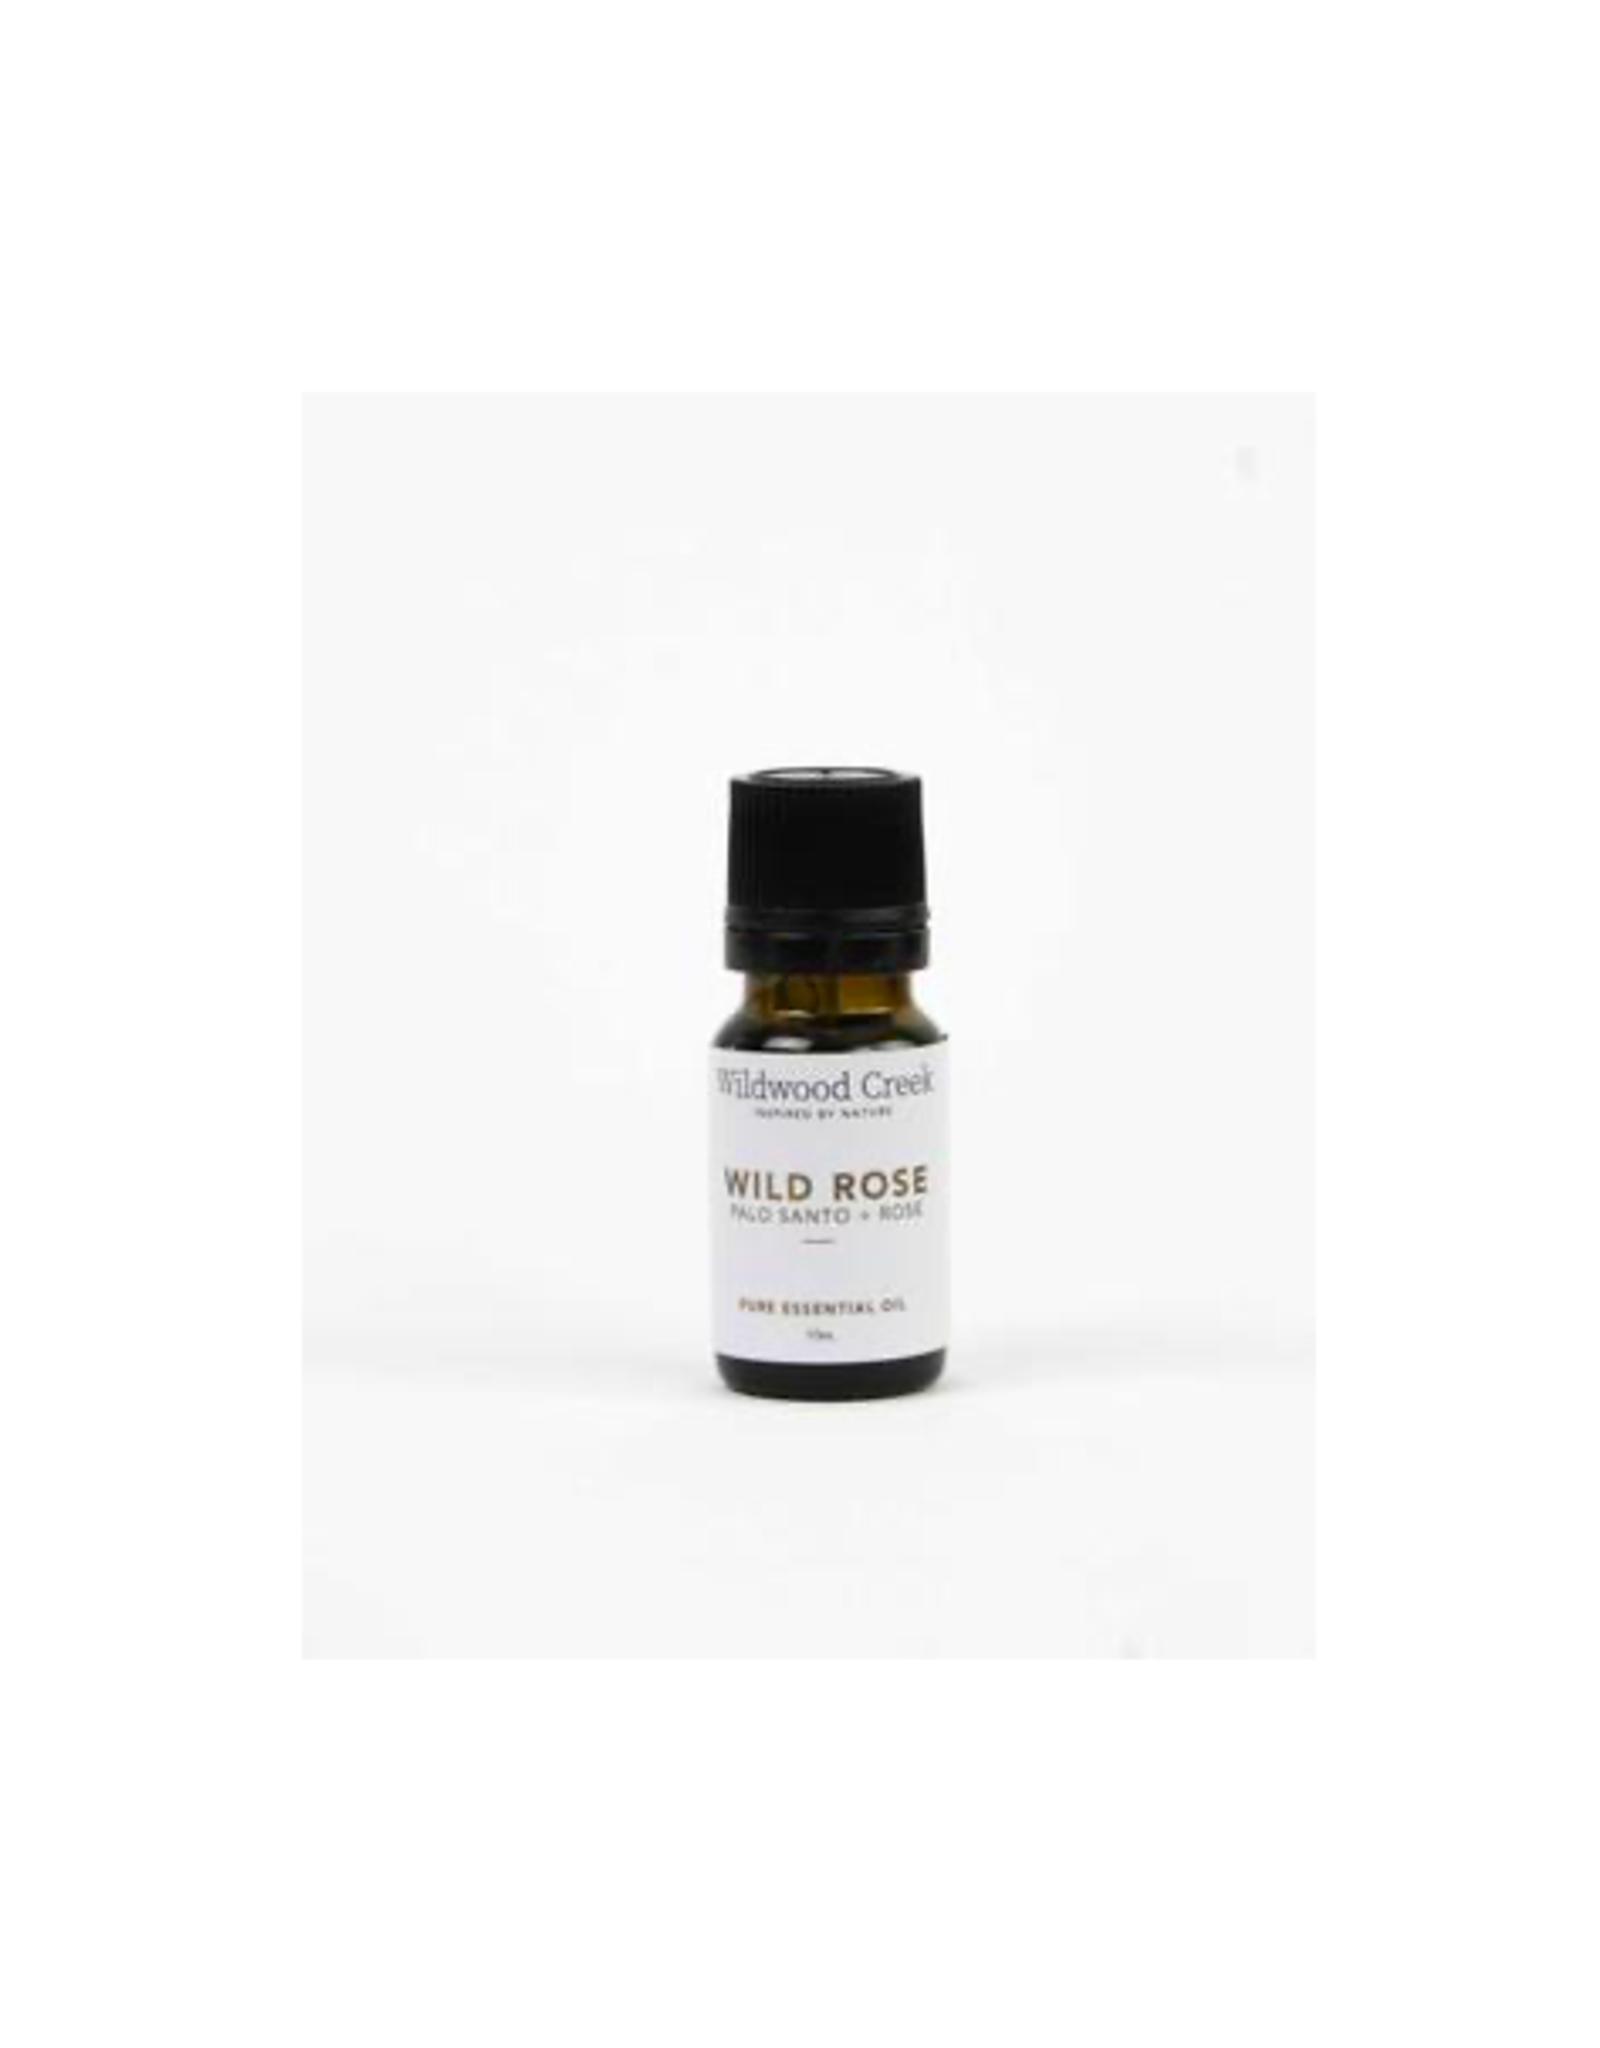 Wildwood Creek - Essential Oil/Wild Rose 10ml